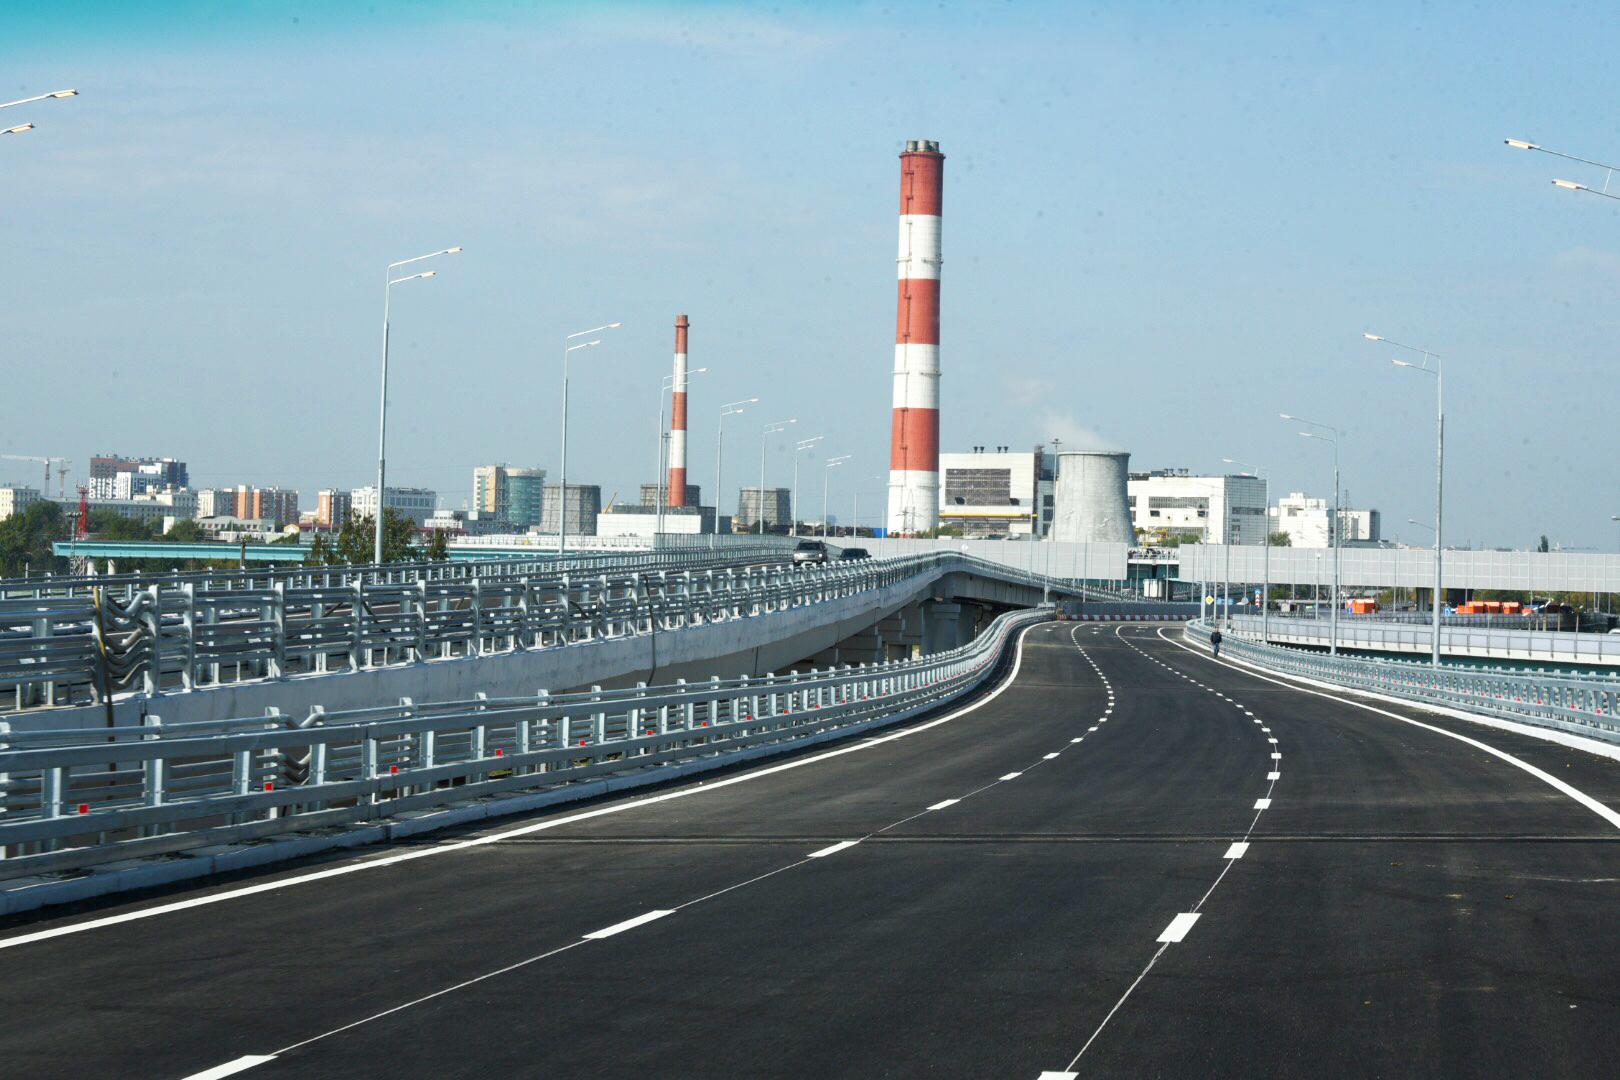 Около 20 километров дорожного полотна построят в Новой Москве до конца 2020 года